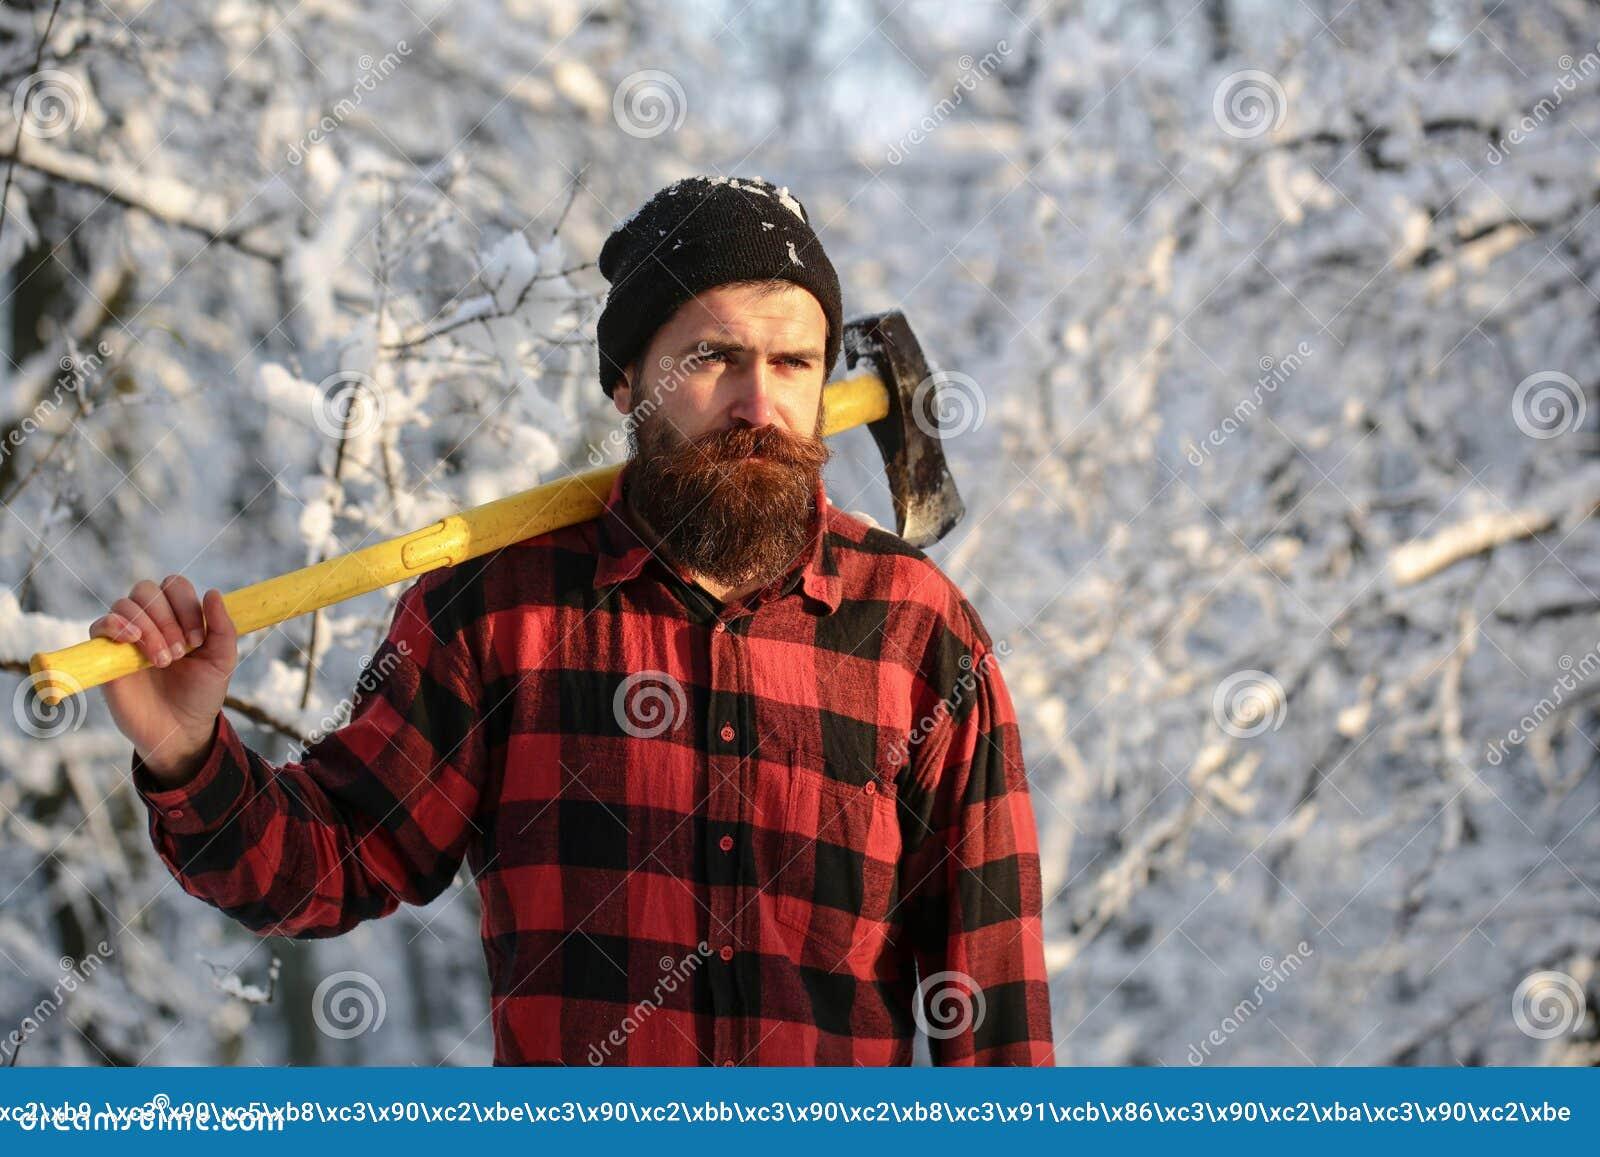 Uppsökt man med en handyxa, skogsbruk Stilig man, hipster i snöig skogskogsarbetare i träna med en yxa på